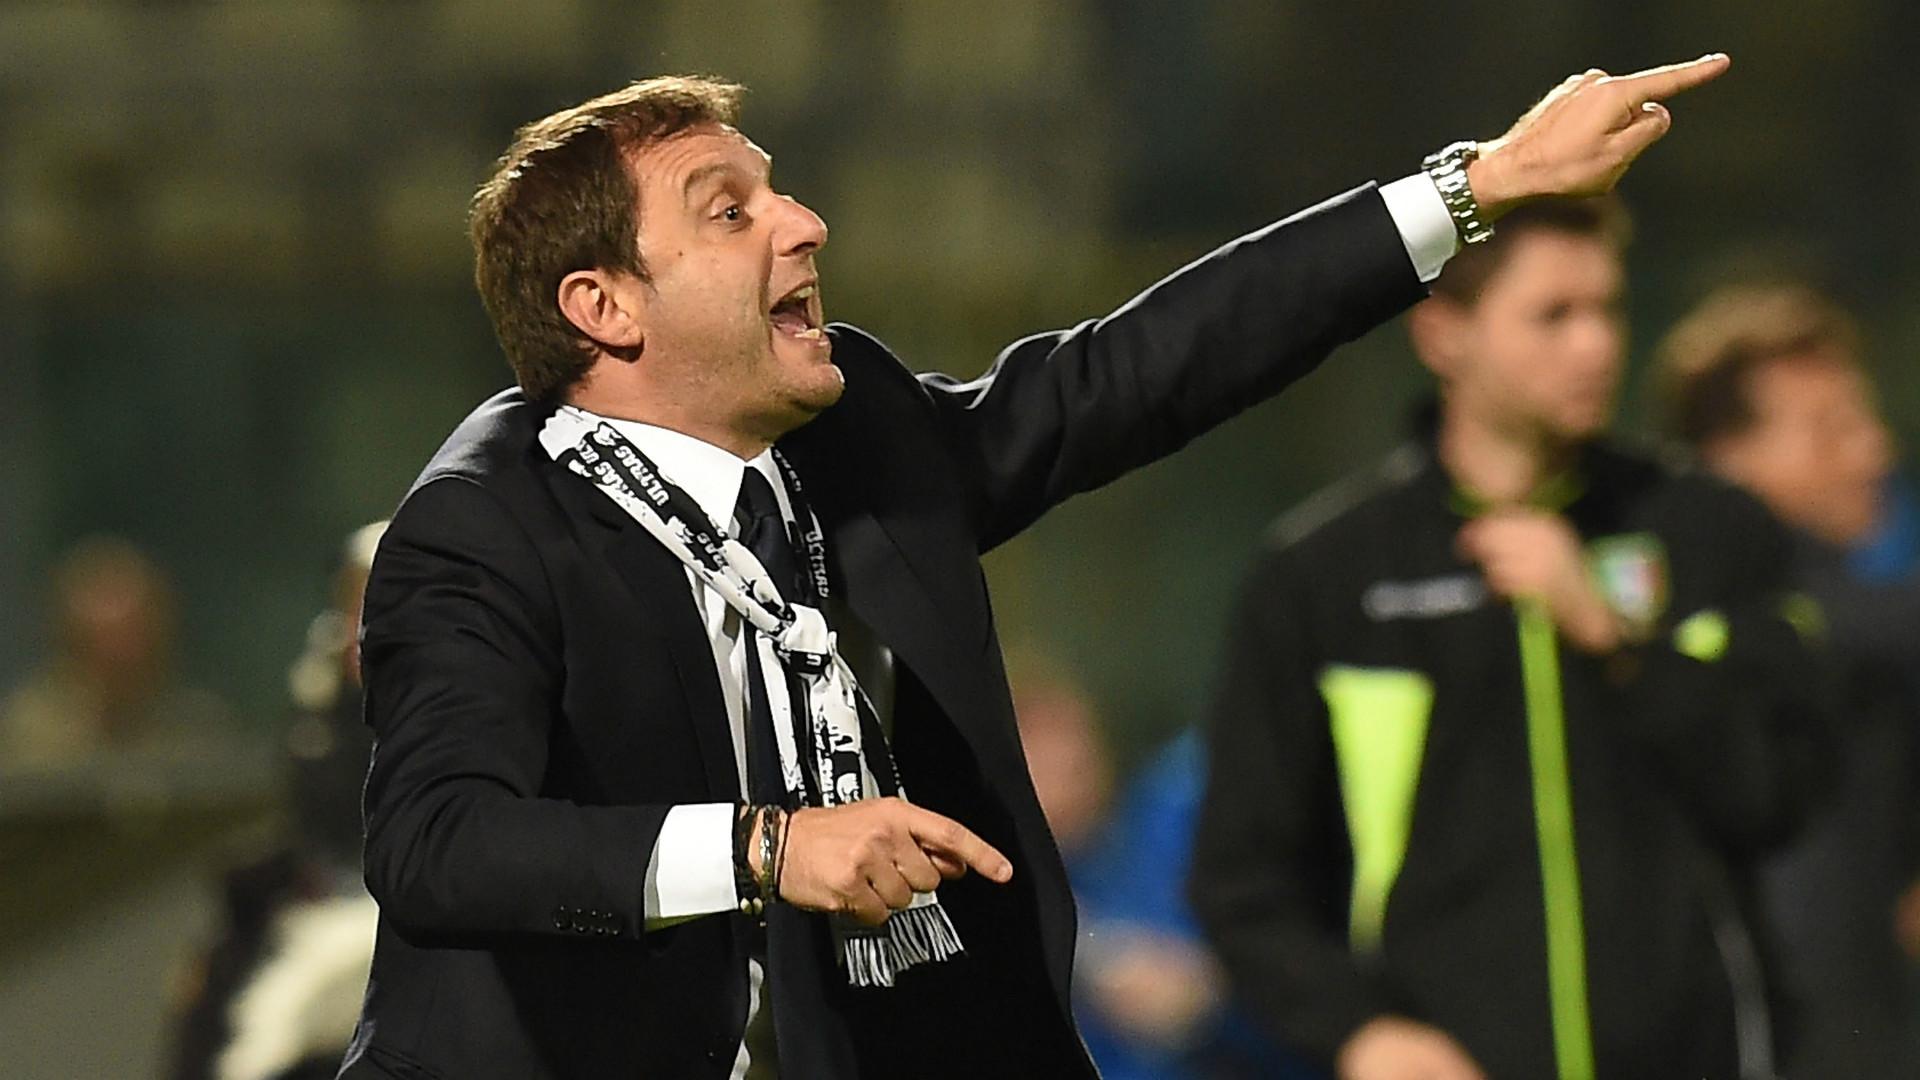 Il Milan batte il Craiova, Leonardo Bonucci festeggia così su Instagram!